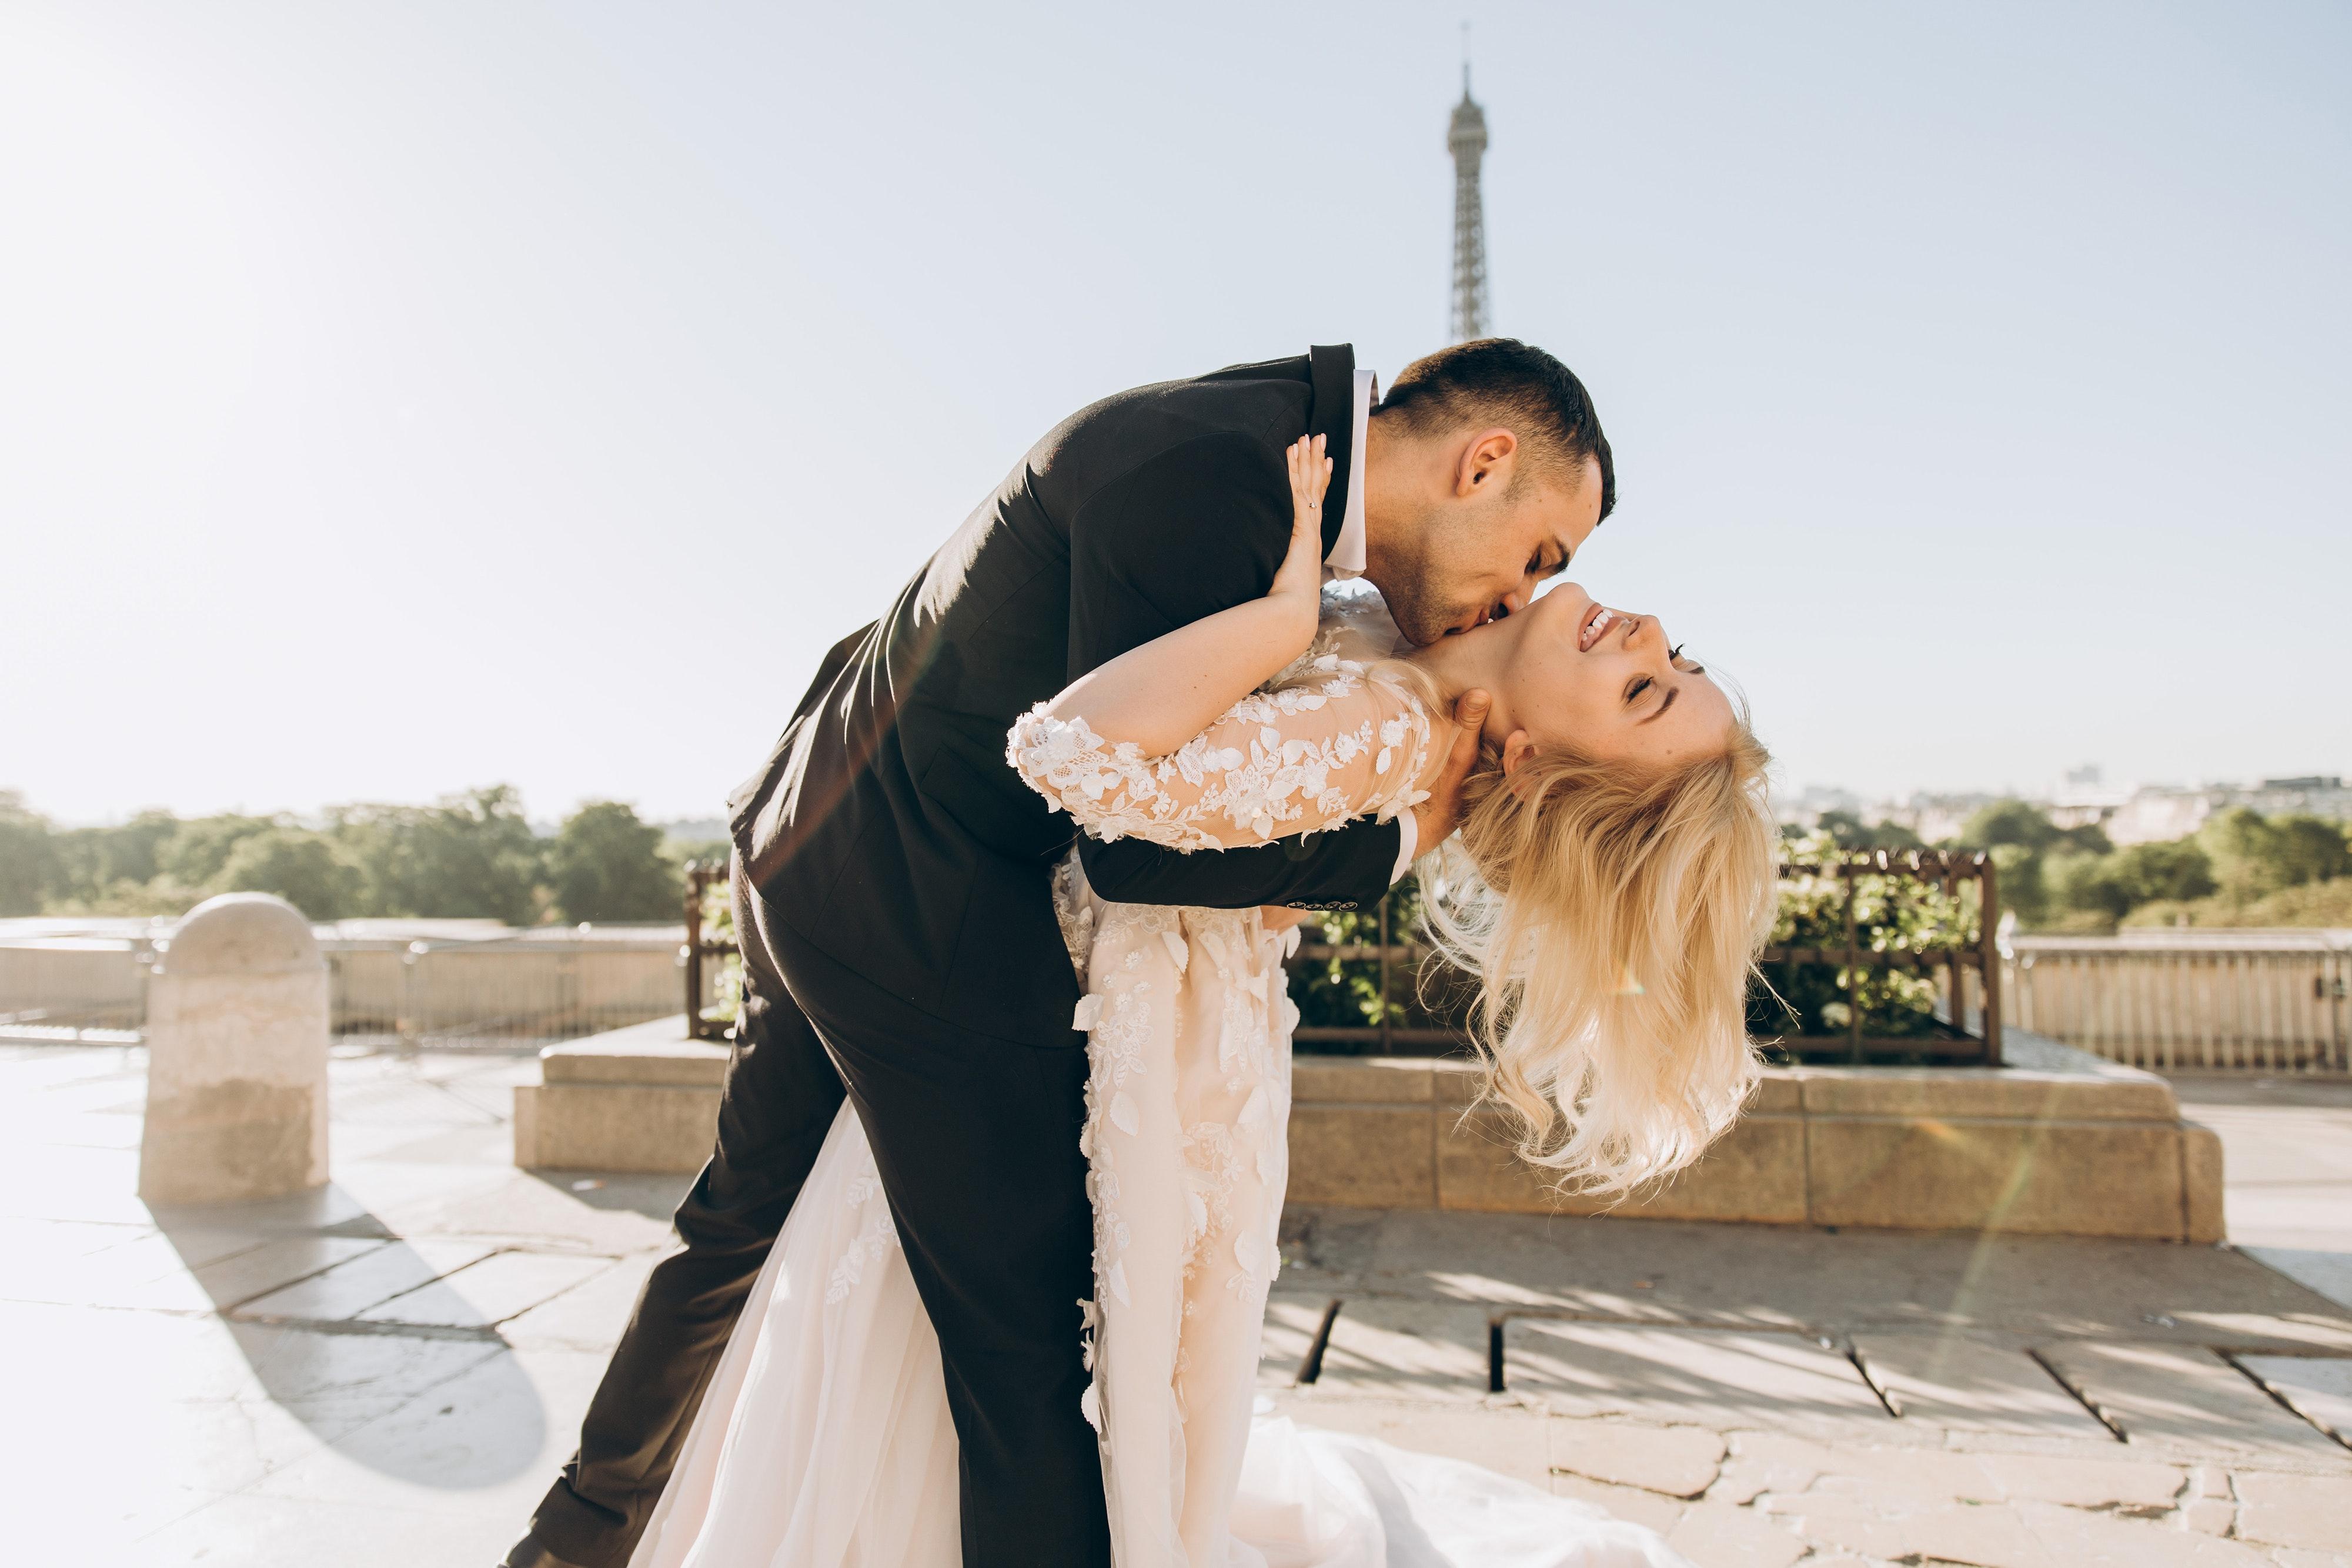 Bräutigam küsst Braut spektakulär